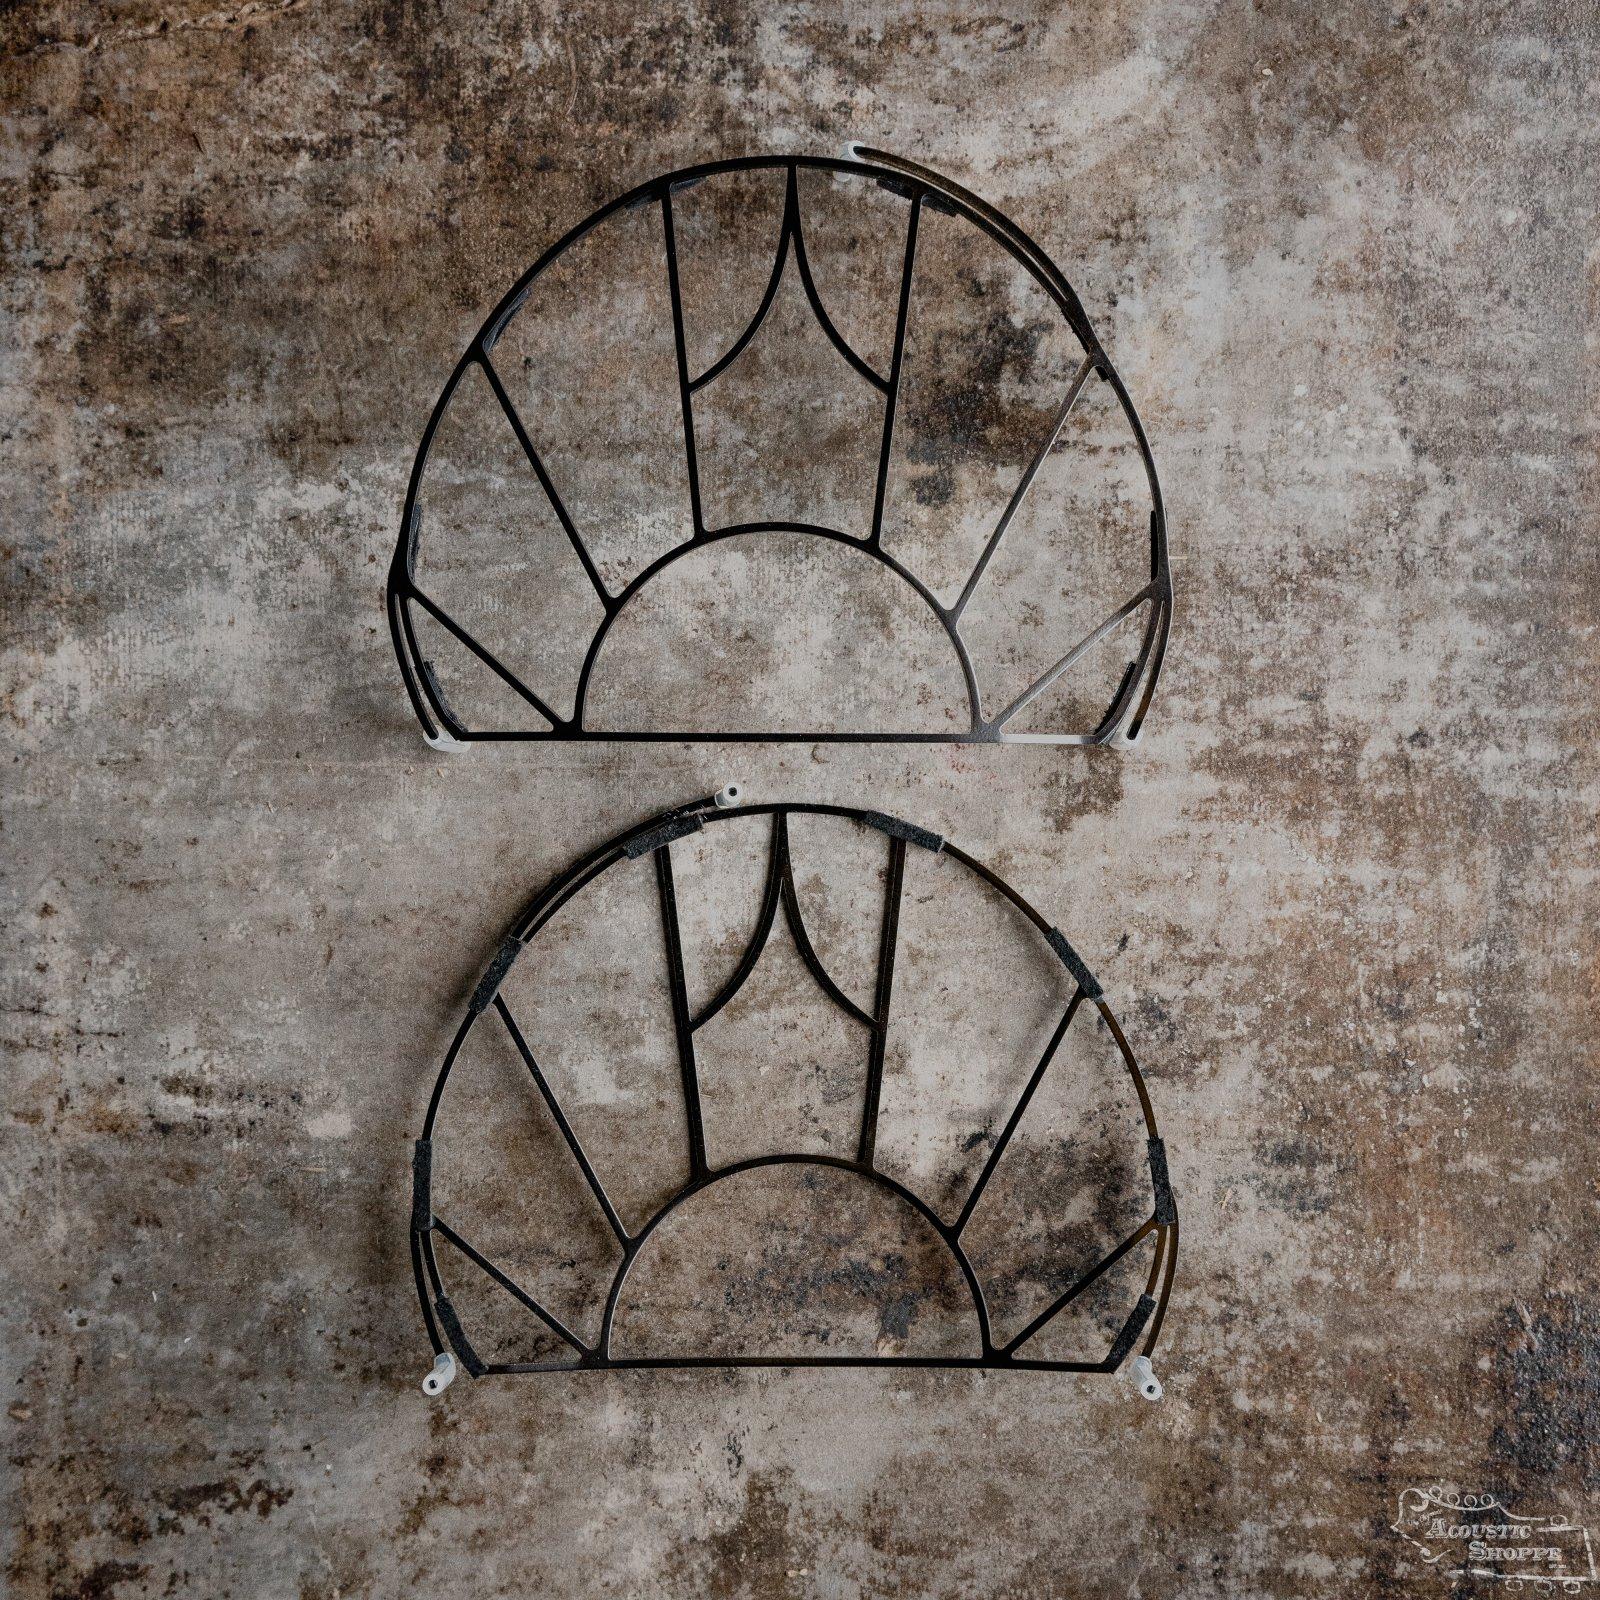 Tone-Gard Mandolin - Vintage